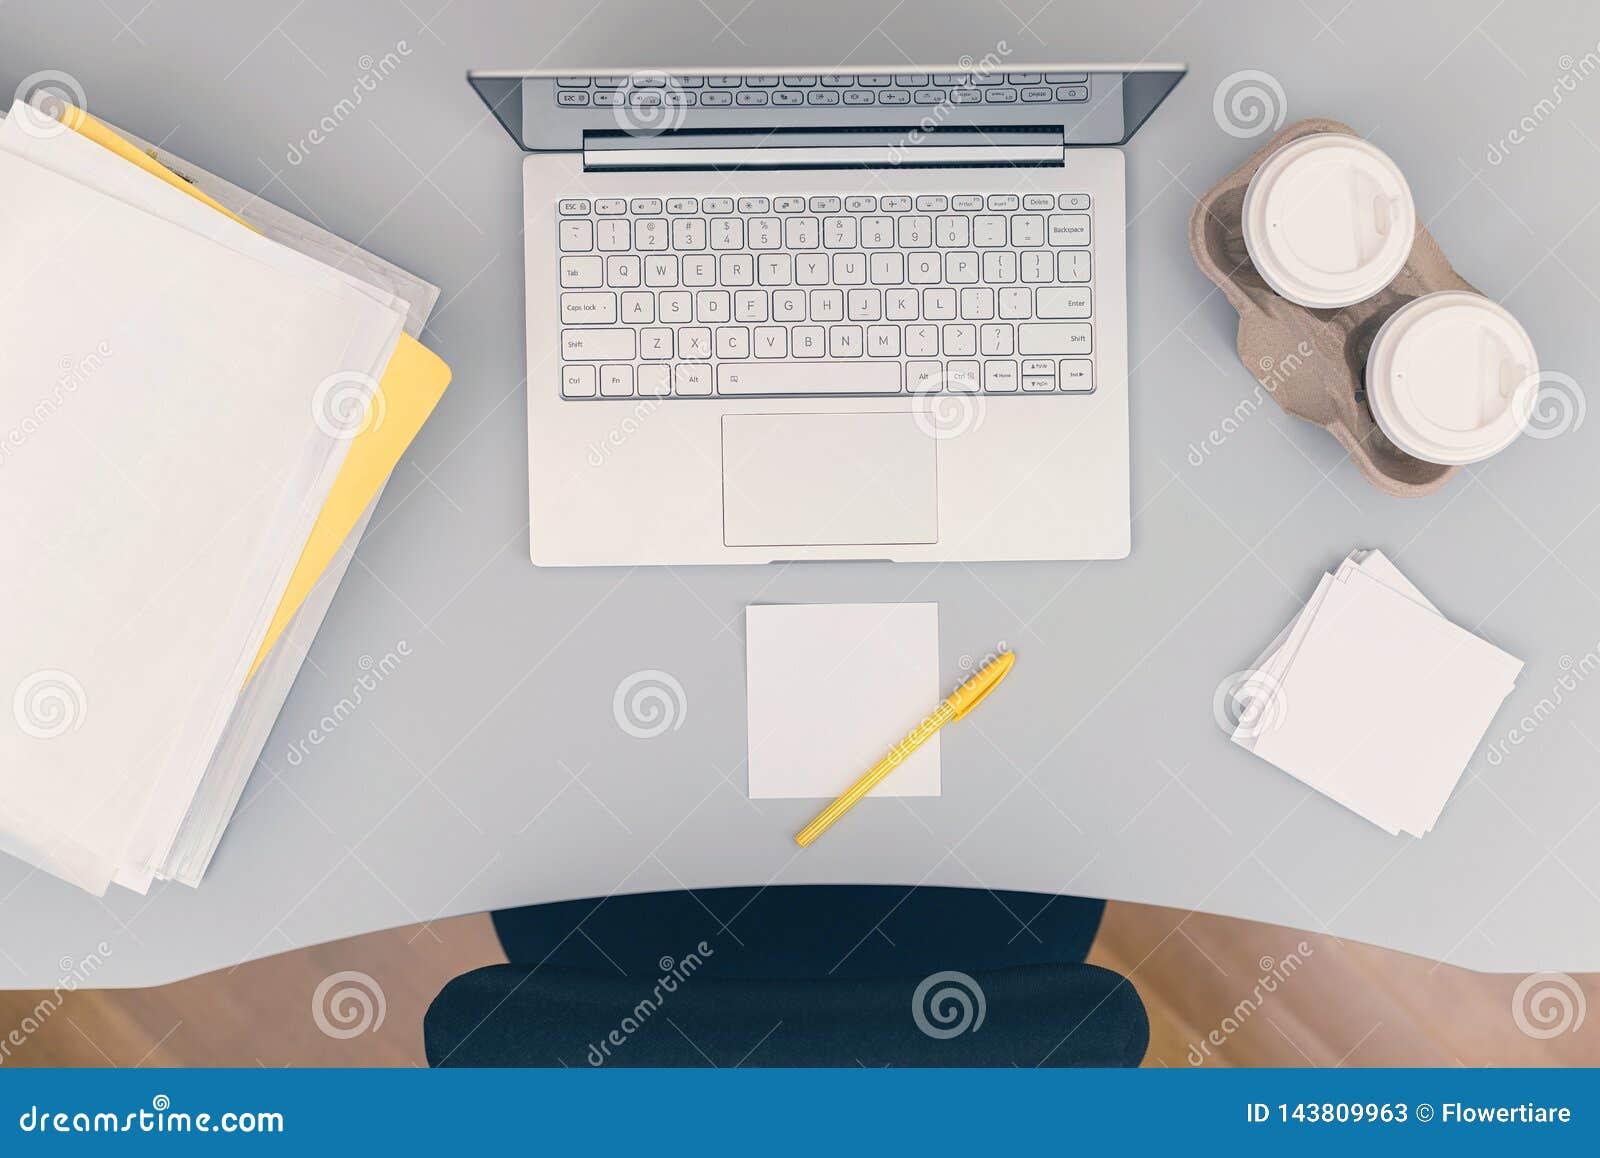 Сверху вниз части комнаты офиса включая таблицу, стул, ноутбук, бумажные стаканчики кофе, стикеры примечания и папки